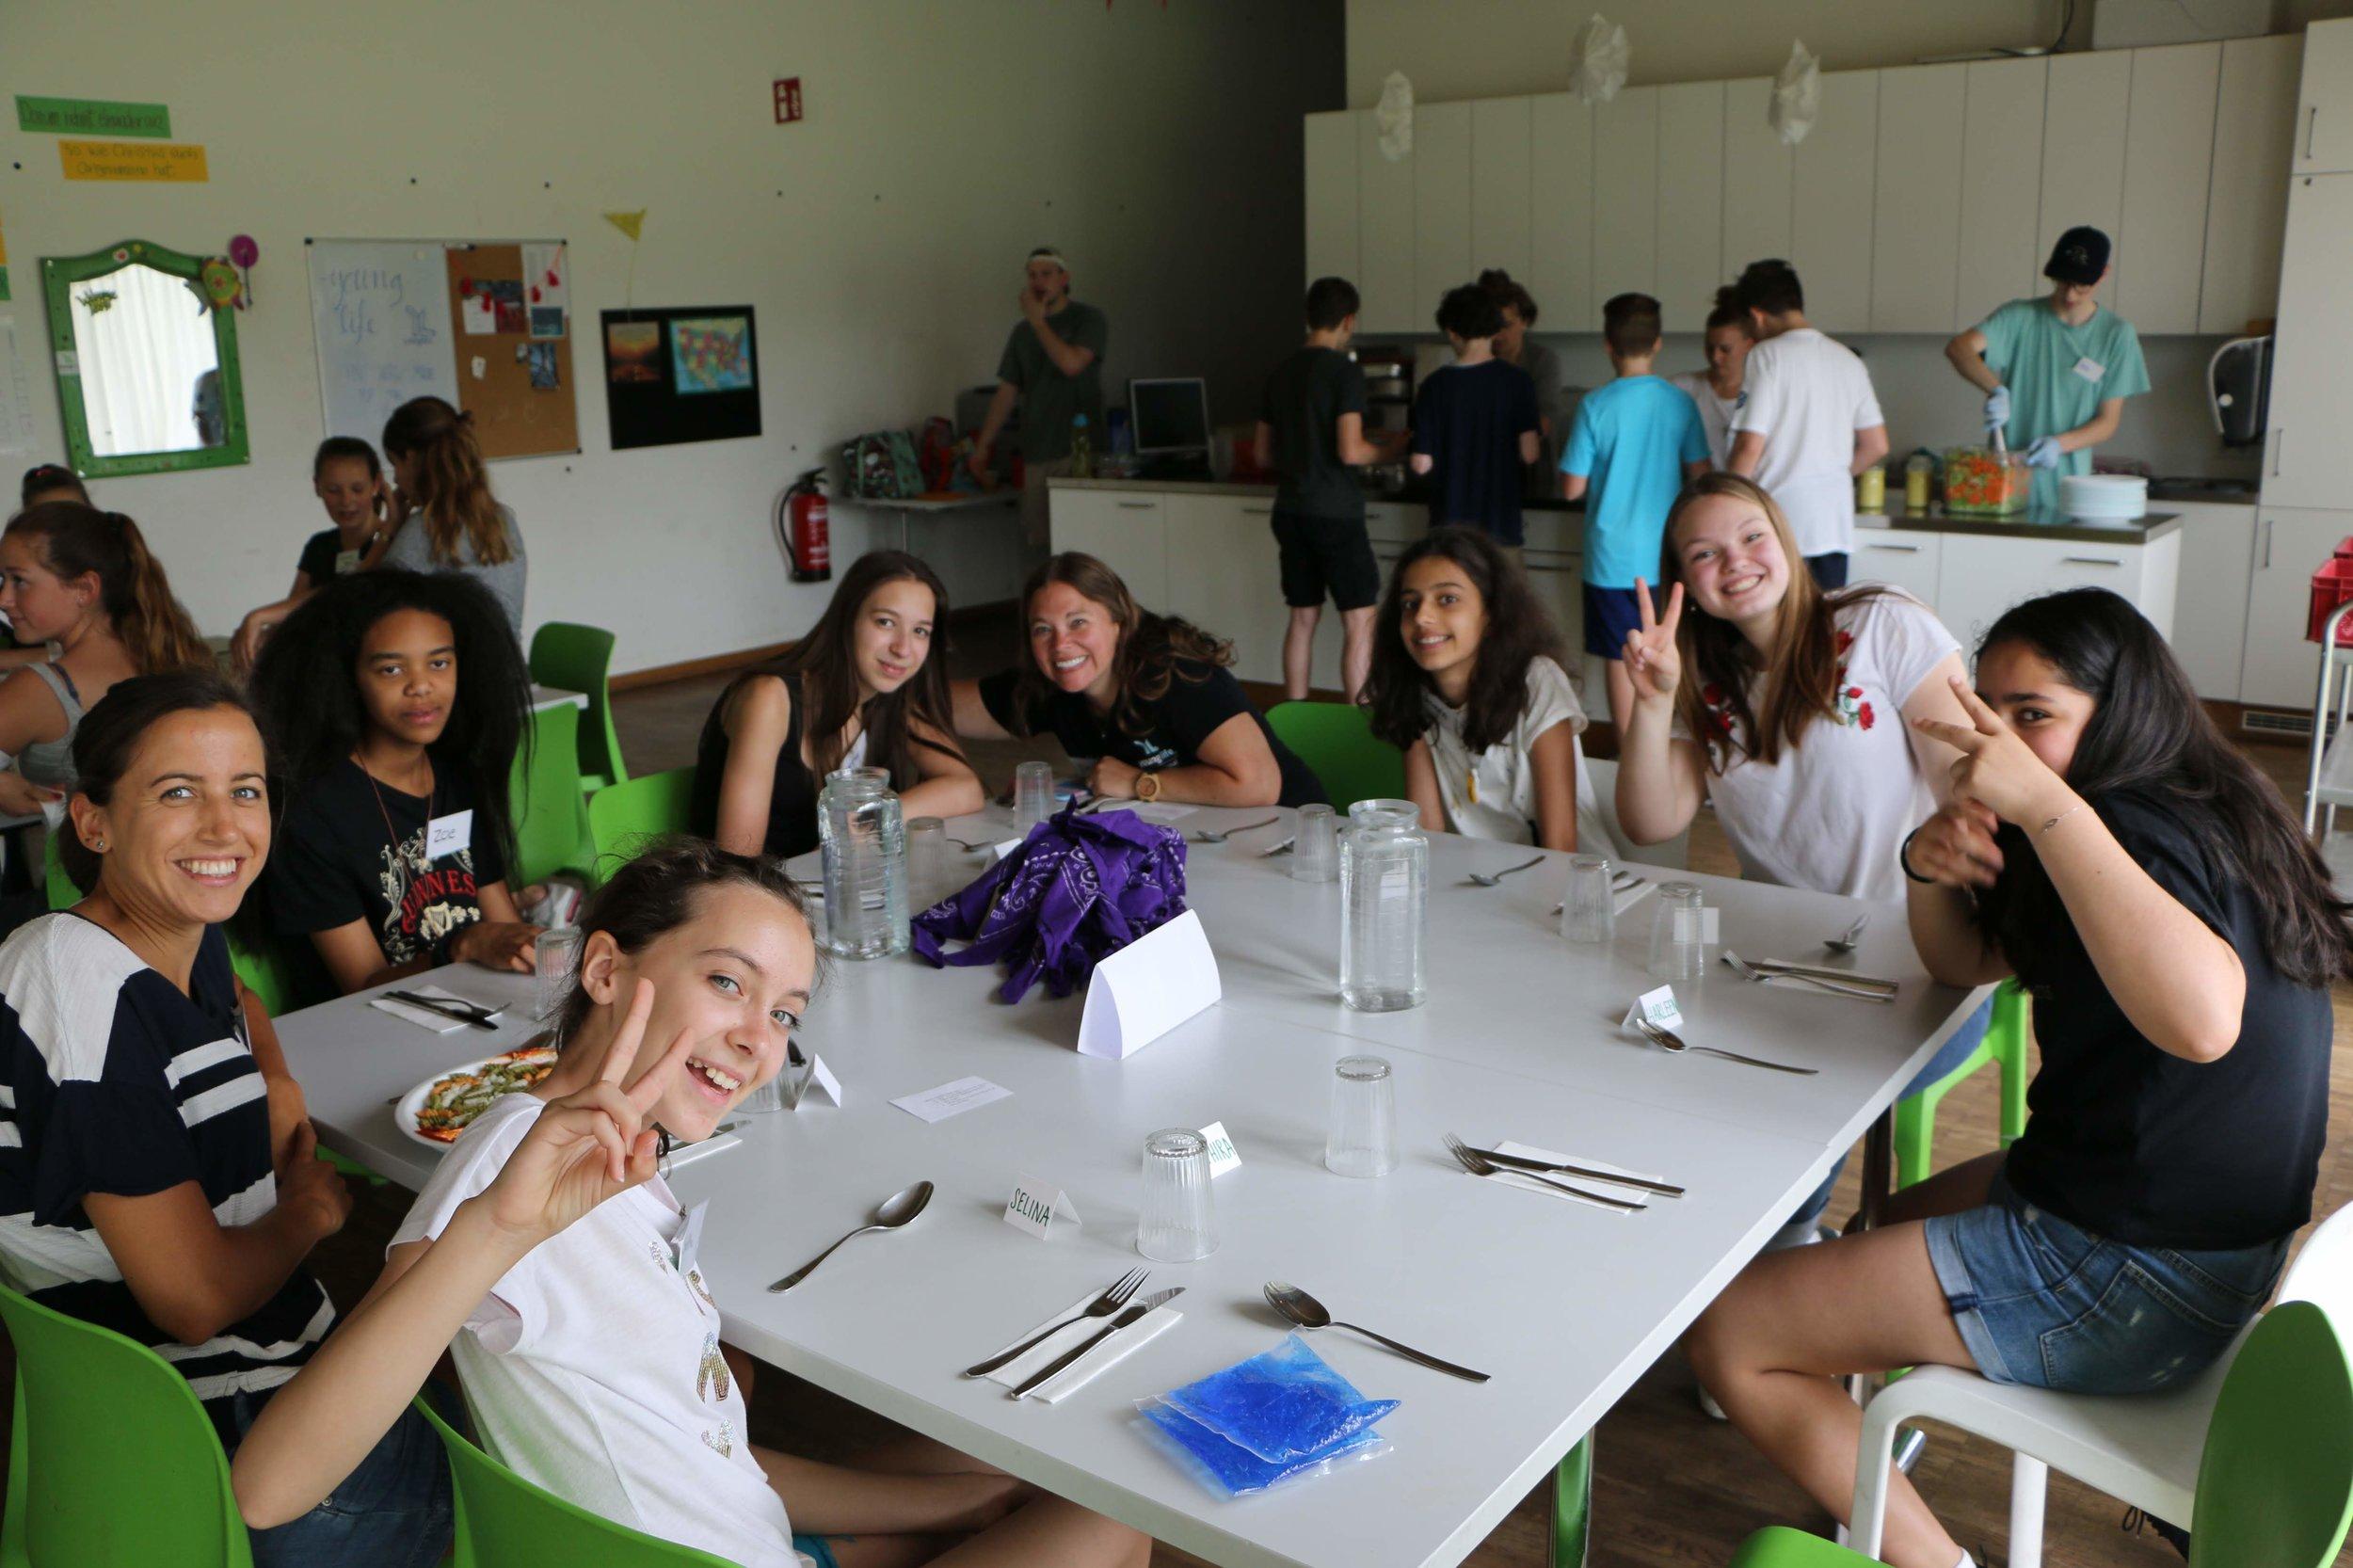 Mahlzeiten - Auf unserem Sprachcamp gibt es jeden Tag ein leckeres warmes Mittagessen für Dich.Am Feiertag kochen wir für Euch.